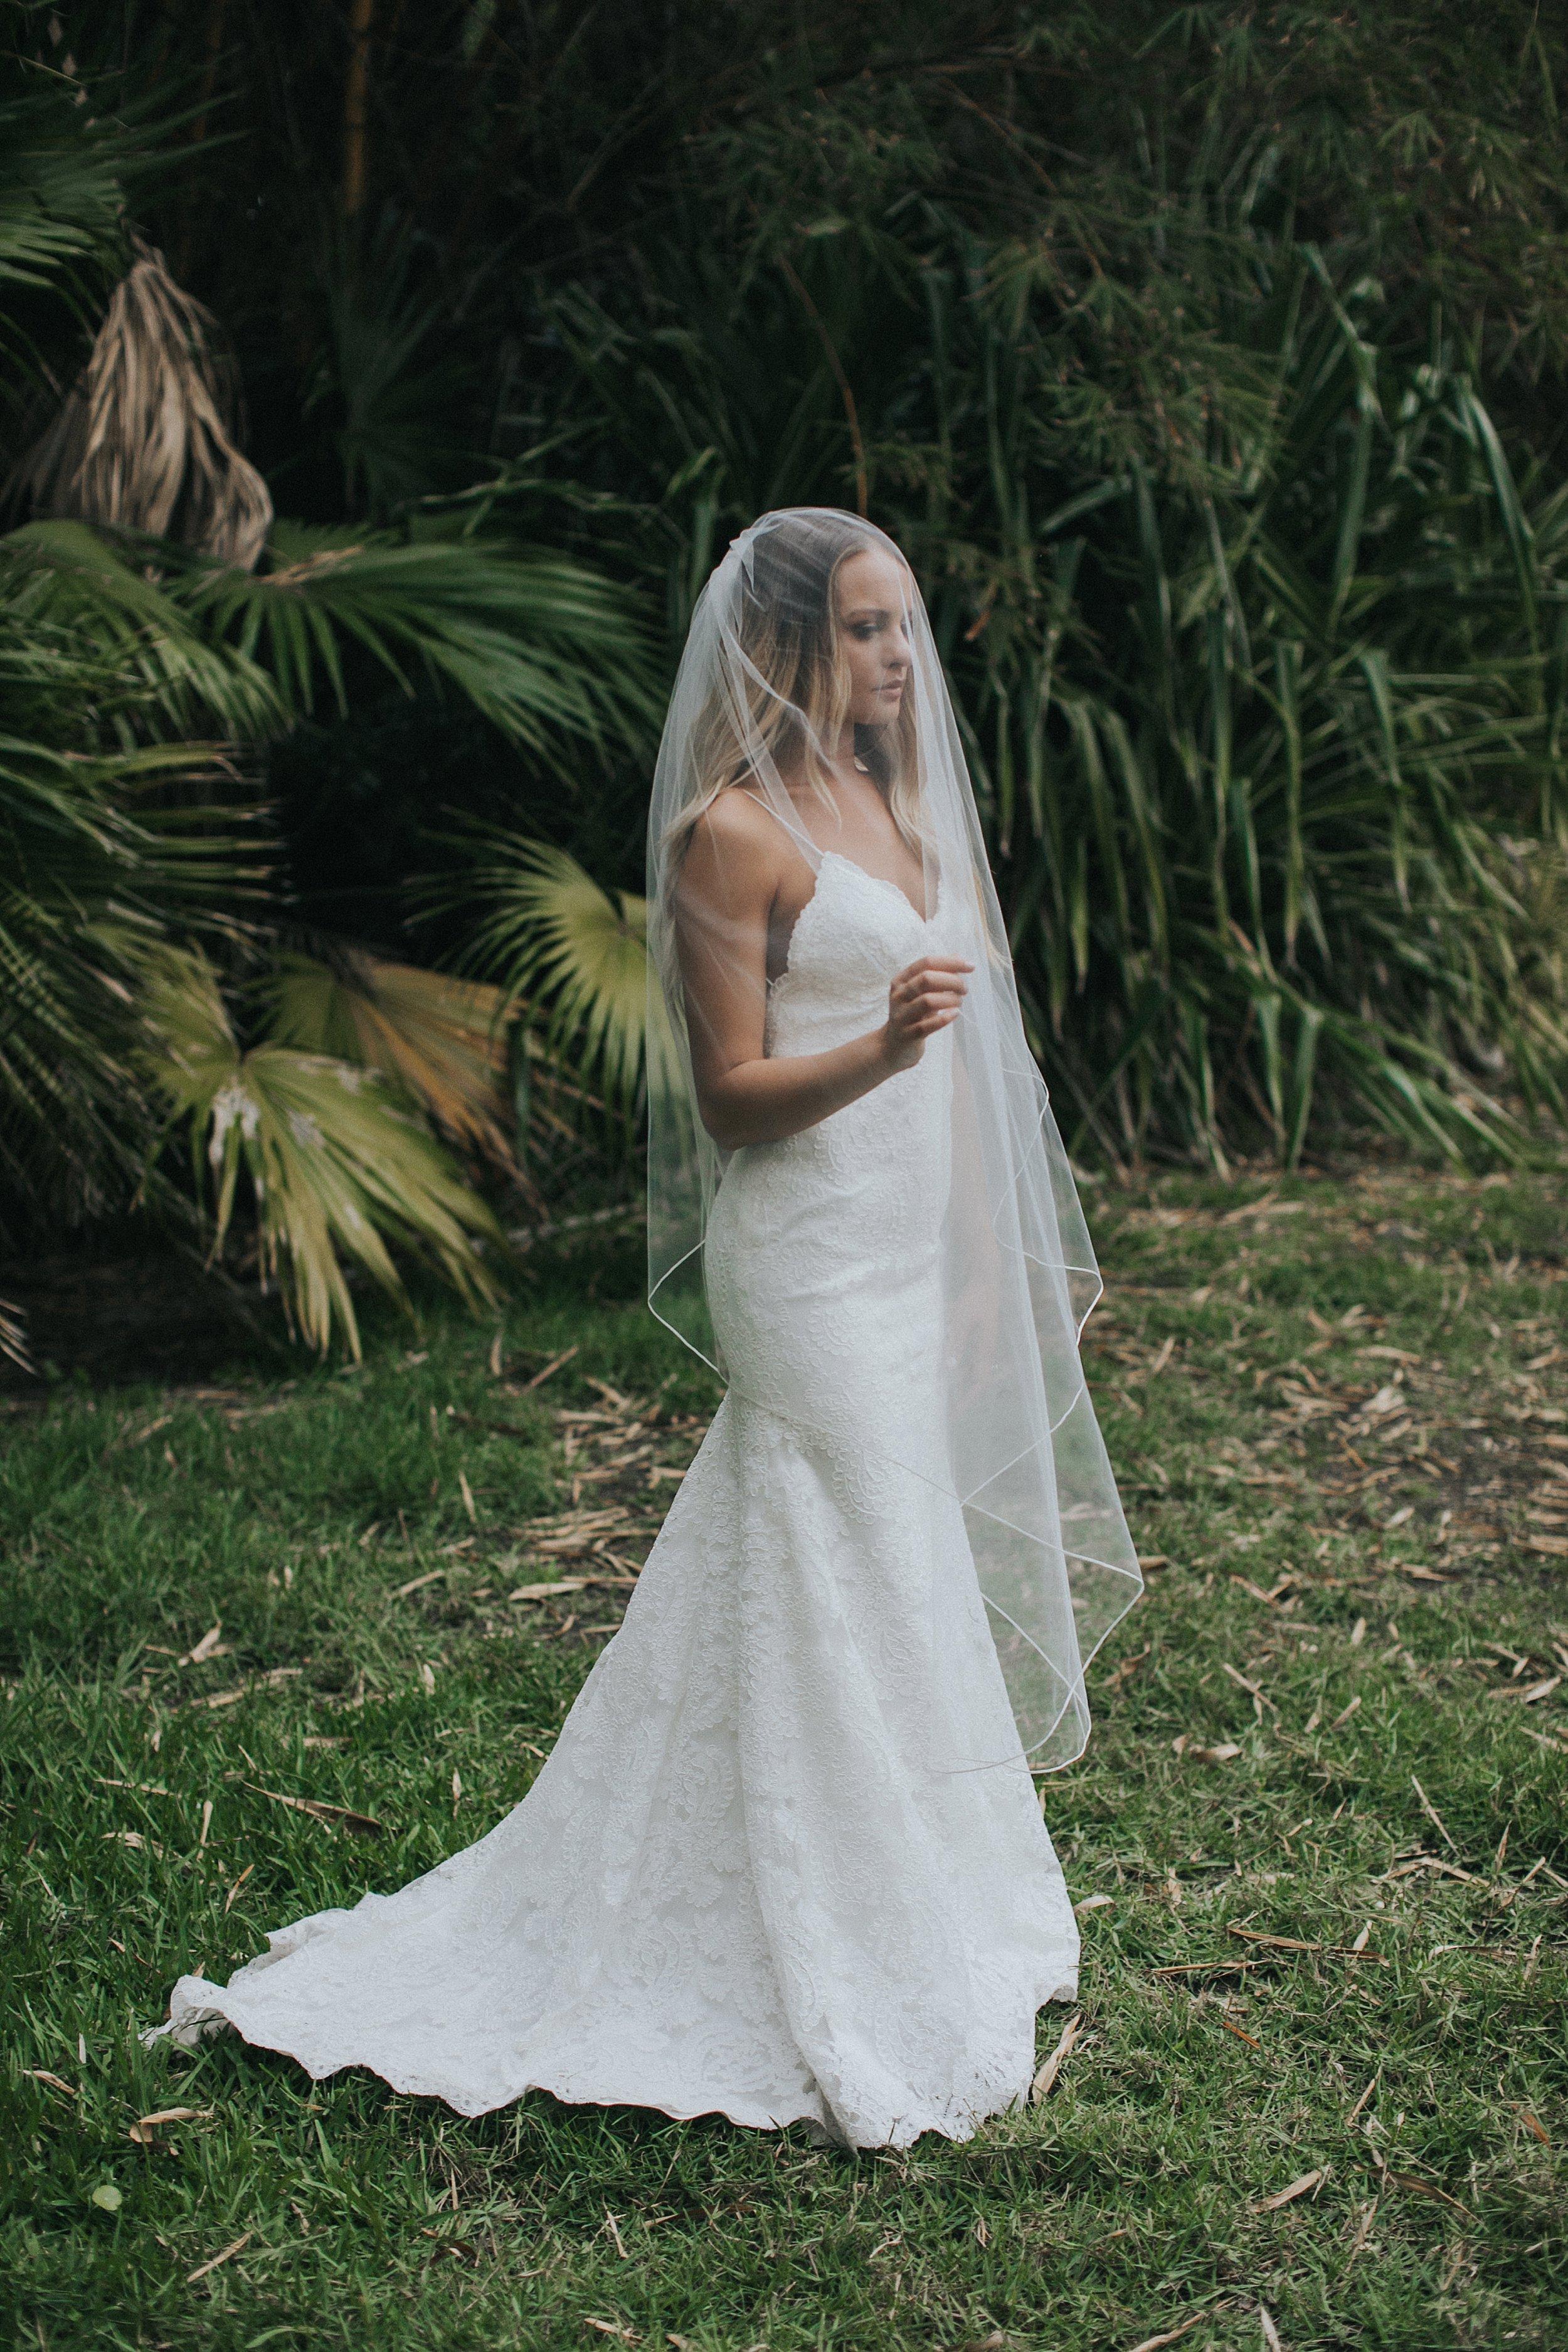 florida candid wedding photography